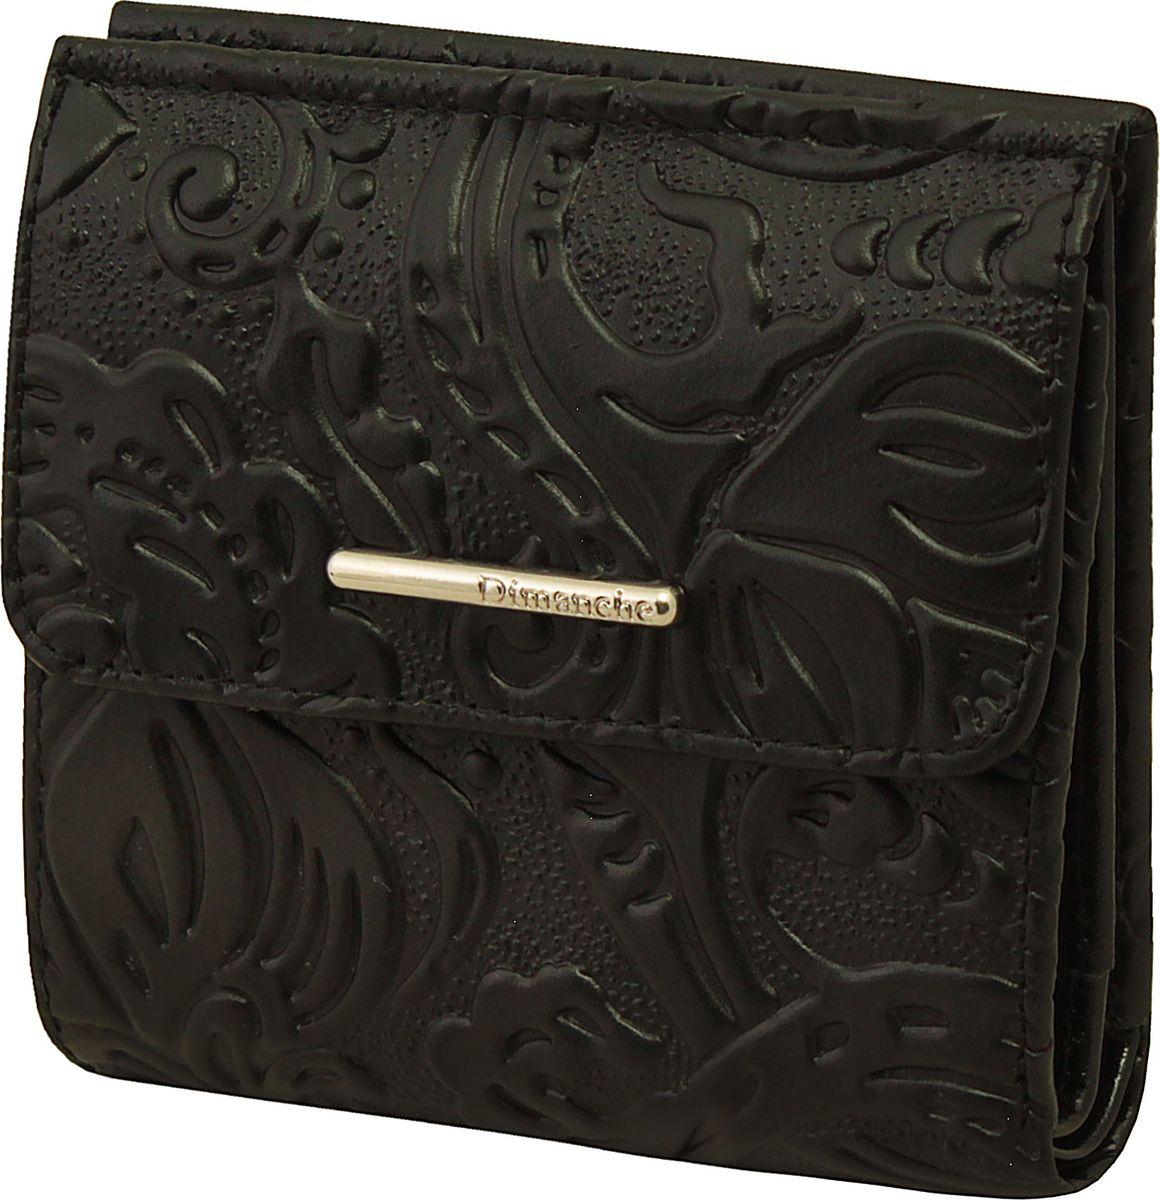 Кошелек женский Dimanche Арабеска, цвет: черный. 352352Кошелек Dimanche выполнен из натуральной лаковой кожи и оформлен декоративным тиснением. На лицевой стороне расположен объемный карман для мелочи, который закрывается клапаном с кнопкой. Внутри расположено два открытых кармана для купюр, карман для купюр на молнии, два кармана для кредиток, карман для sim-карты, карман с пластиковым окошком для документов и два вертикальных кармана.